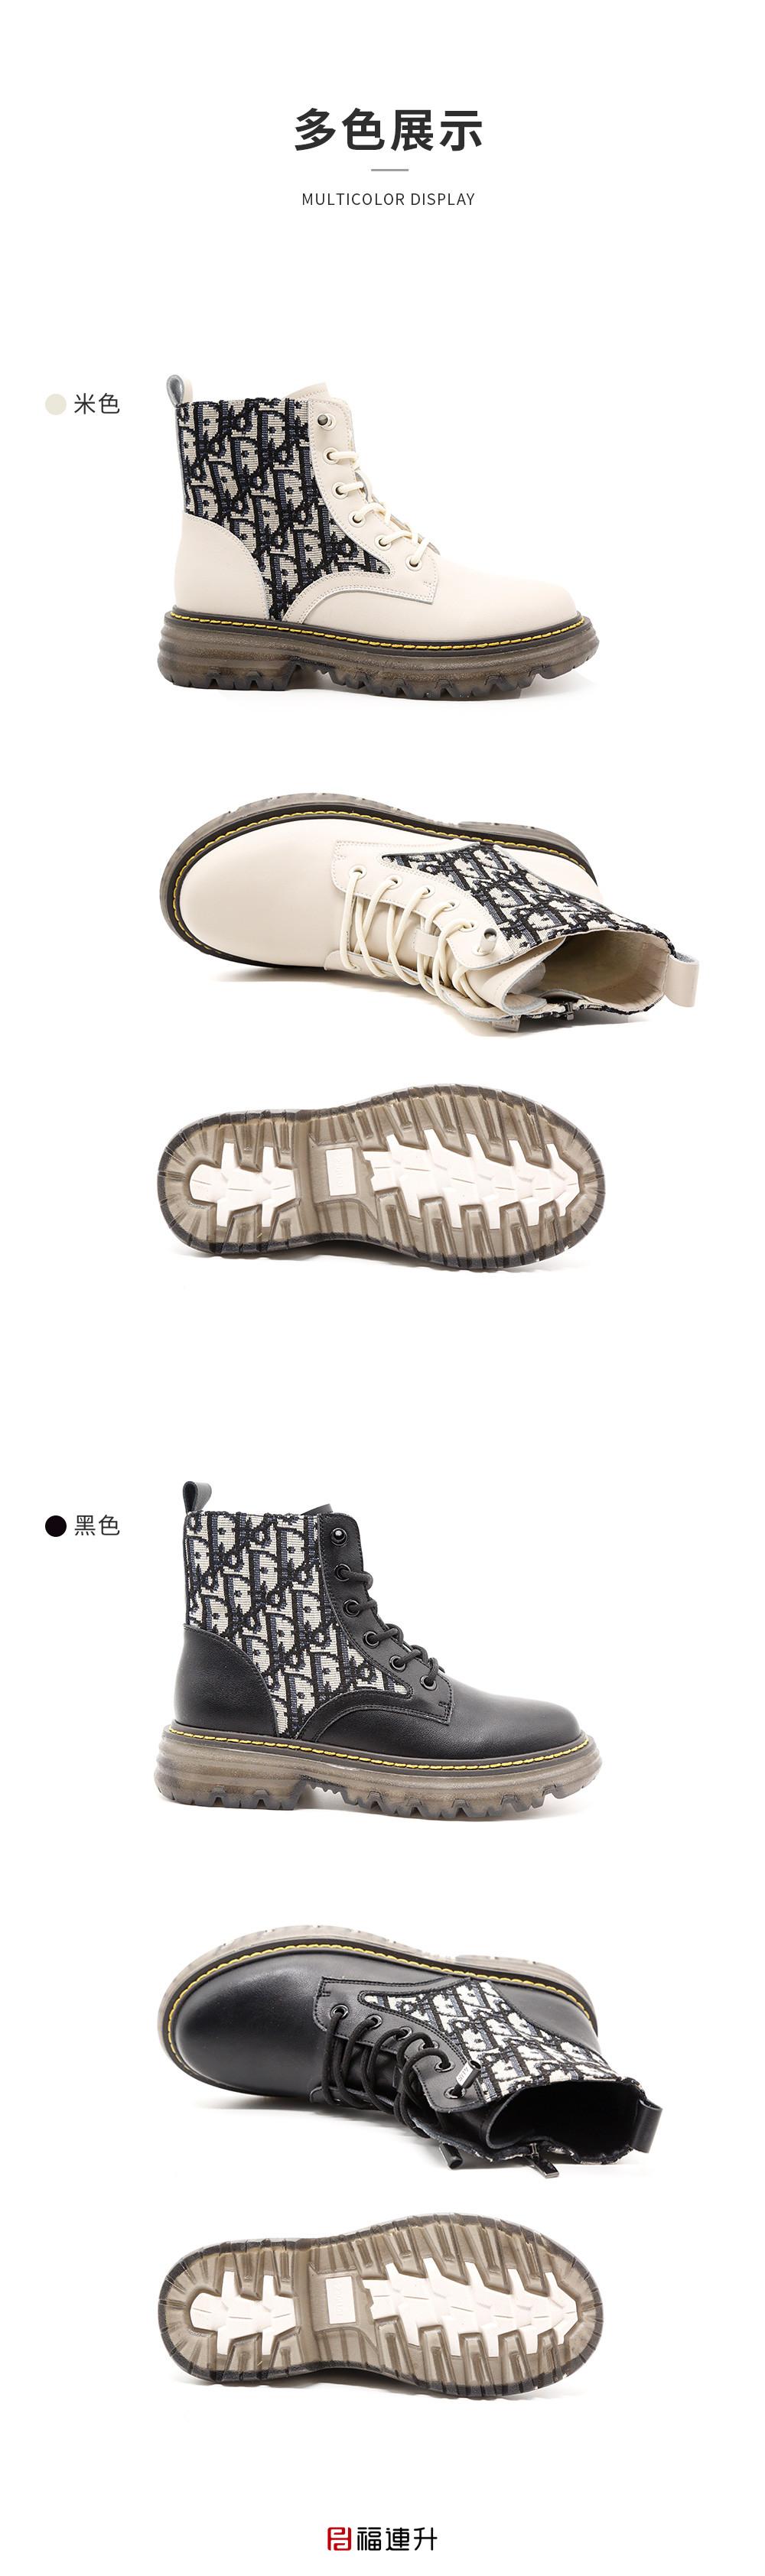 福连升2020冬季新款女纯牛皮拼时尚印花网红英伦风短靴骑士靴图片